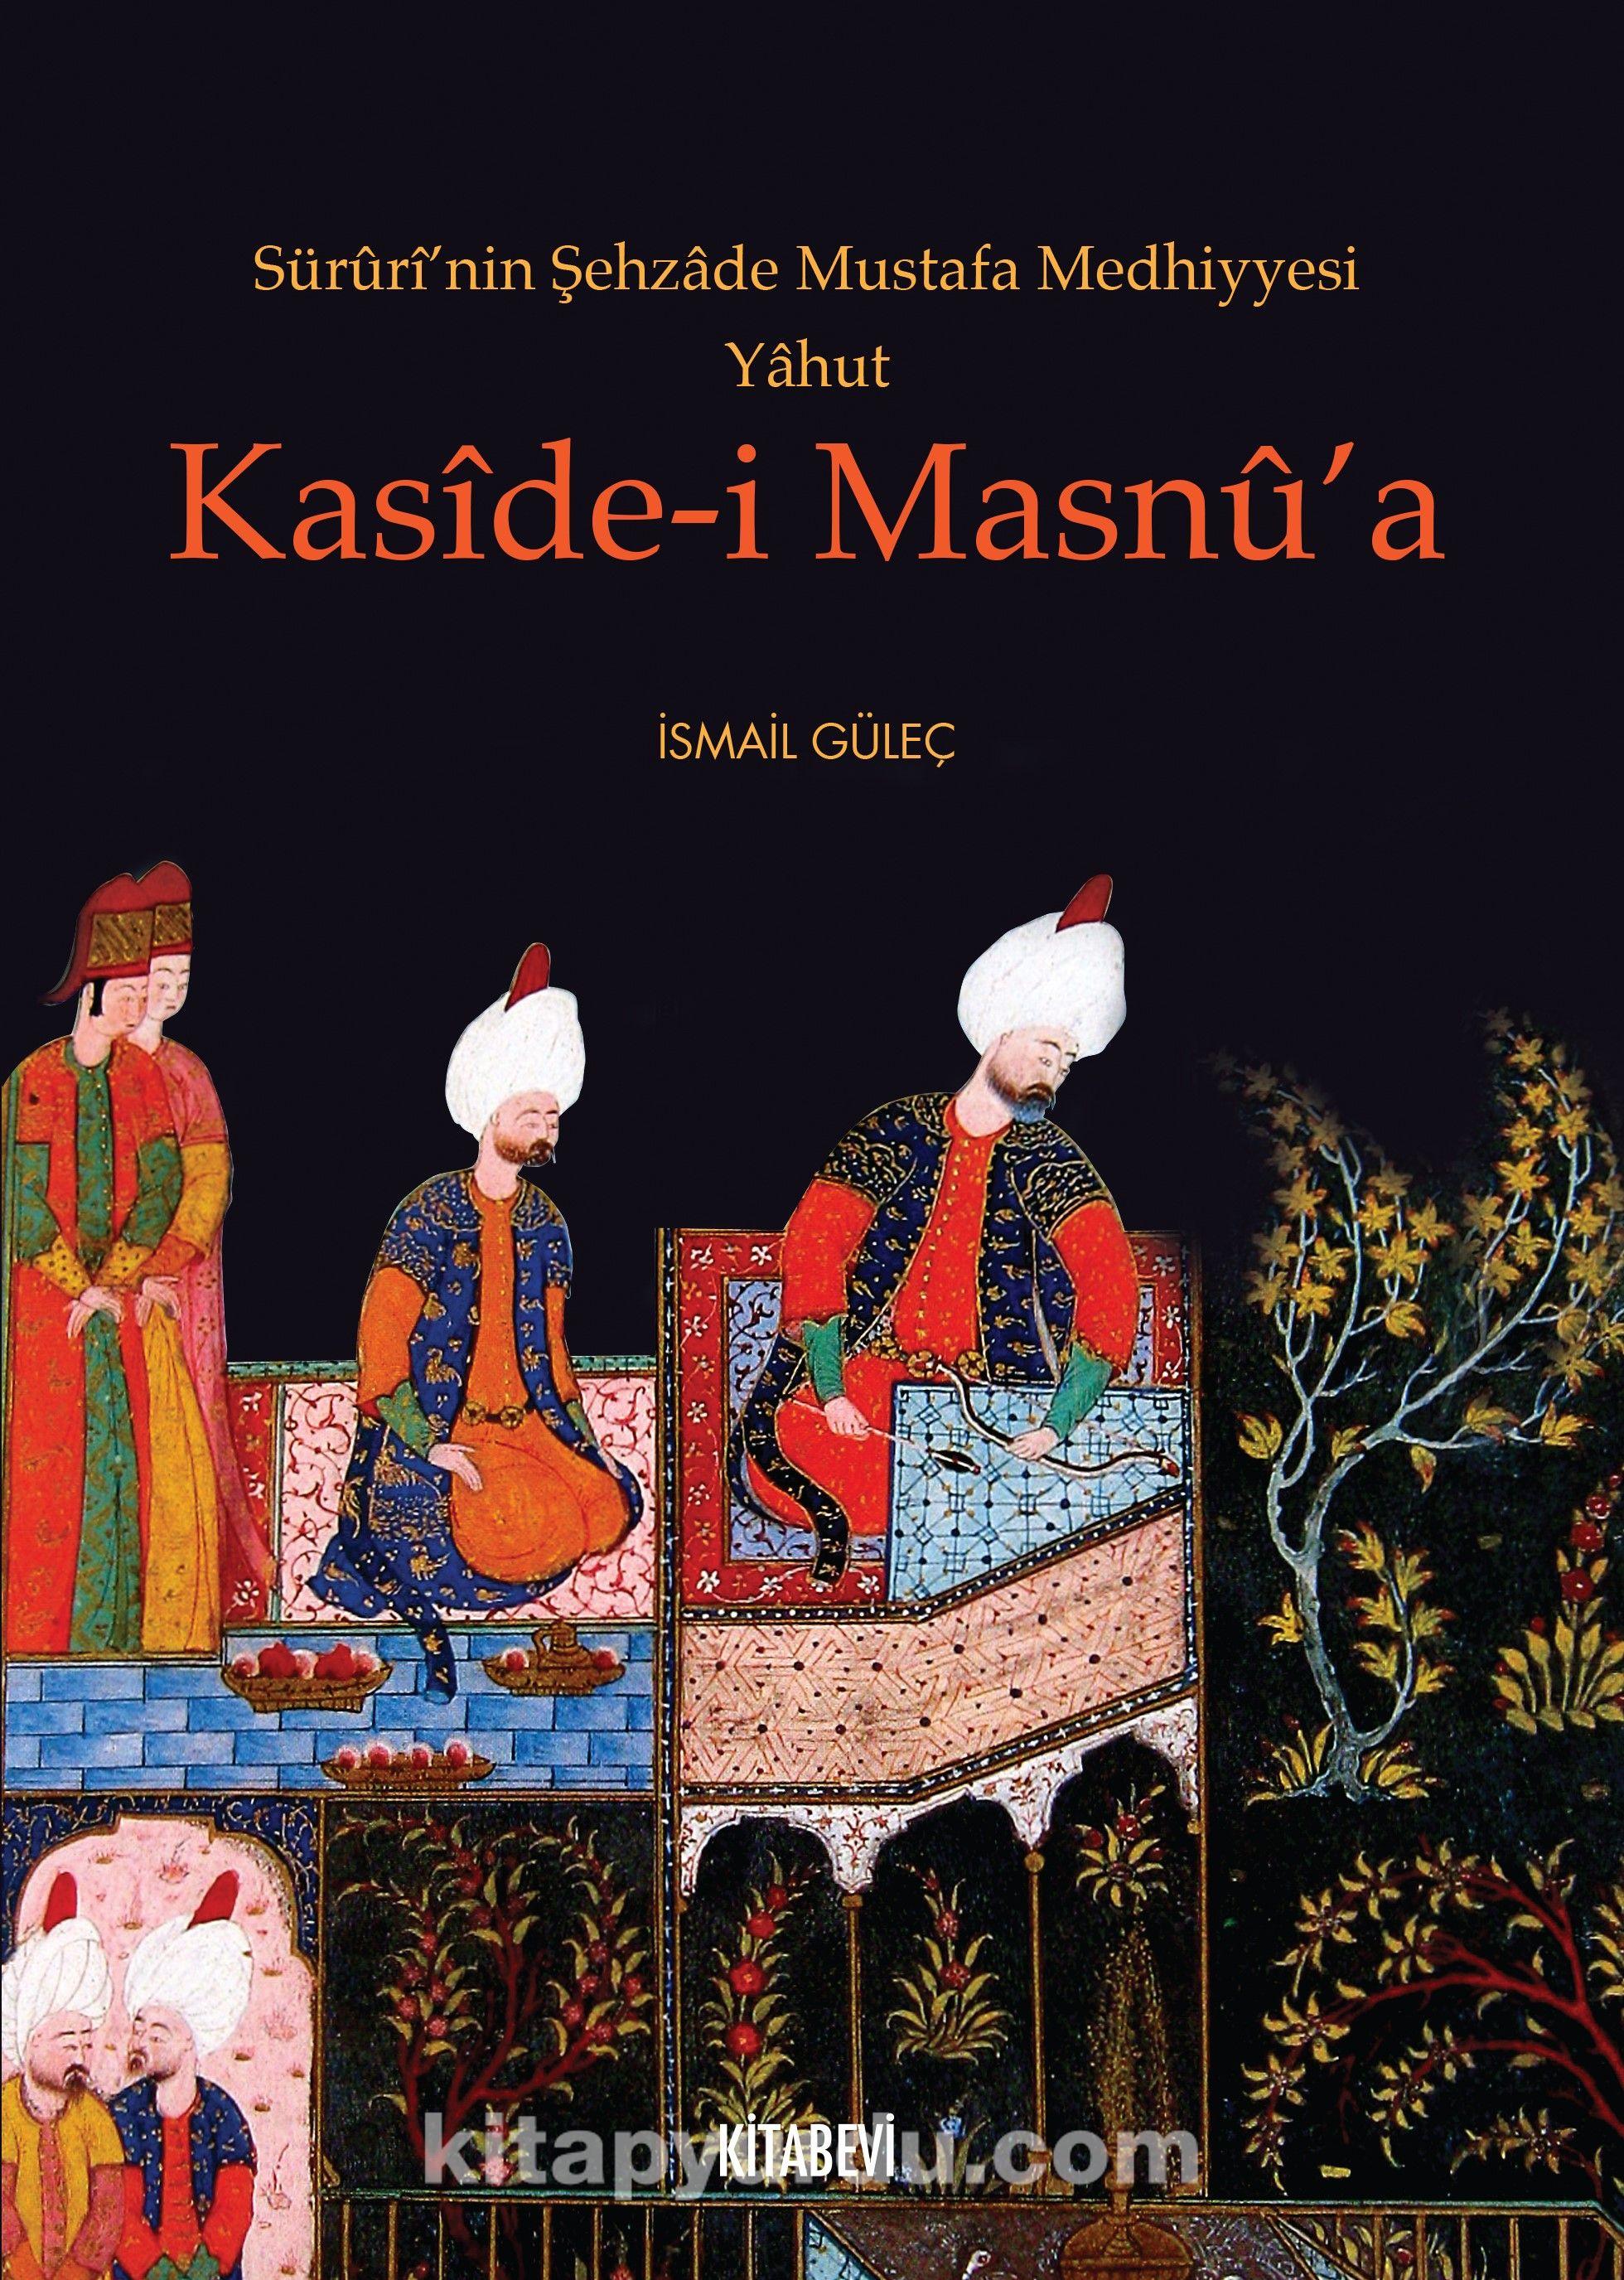 Süruri'nin Şehzade Mustafa Medhiyyesi Yahut Kaside-İ Masnu'a